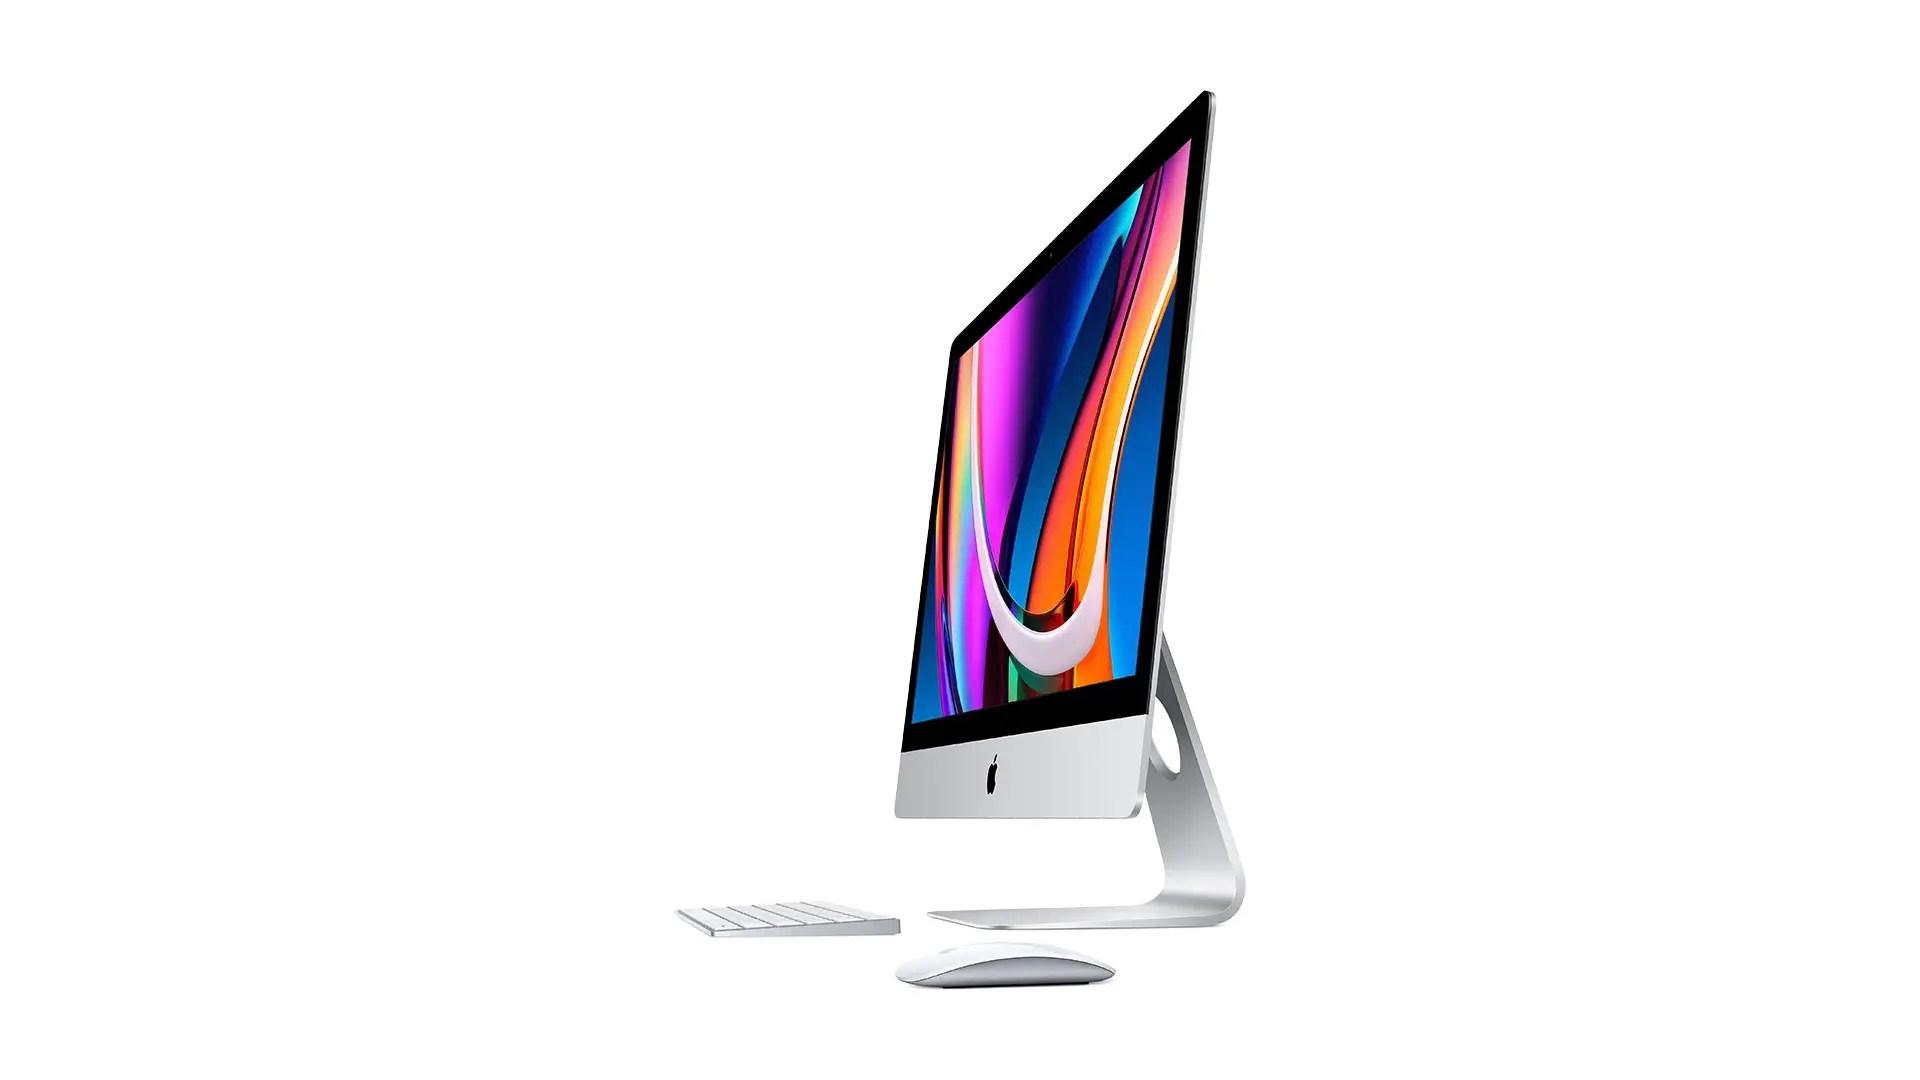 iMac 27-inch 2020